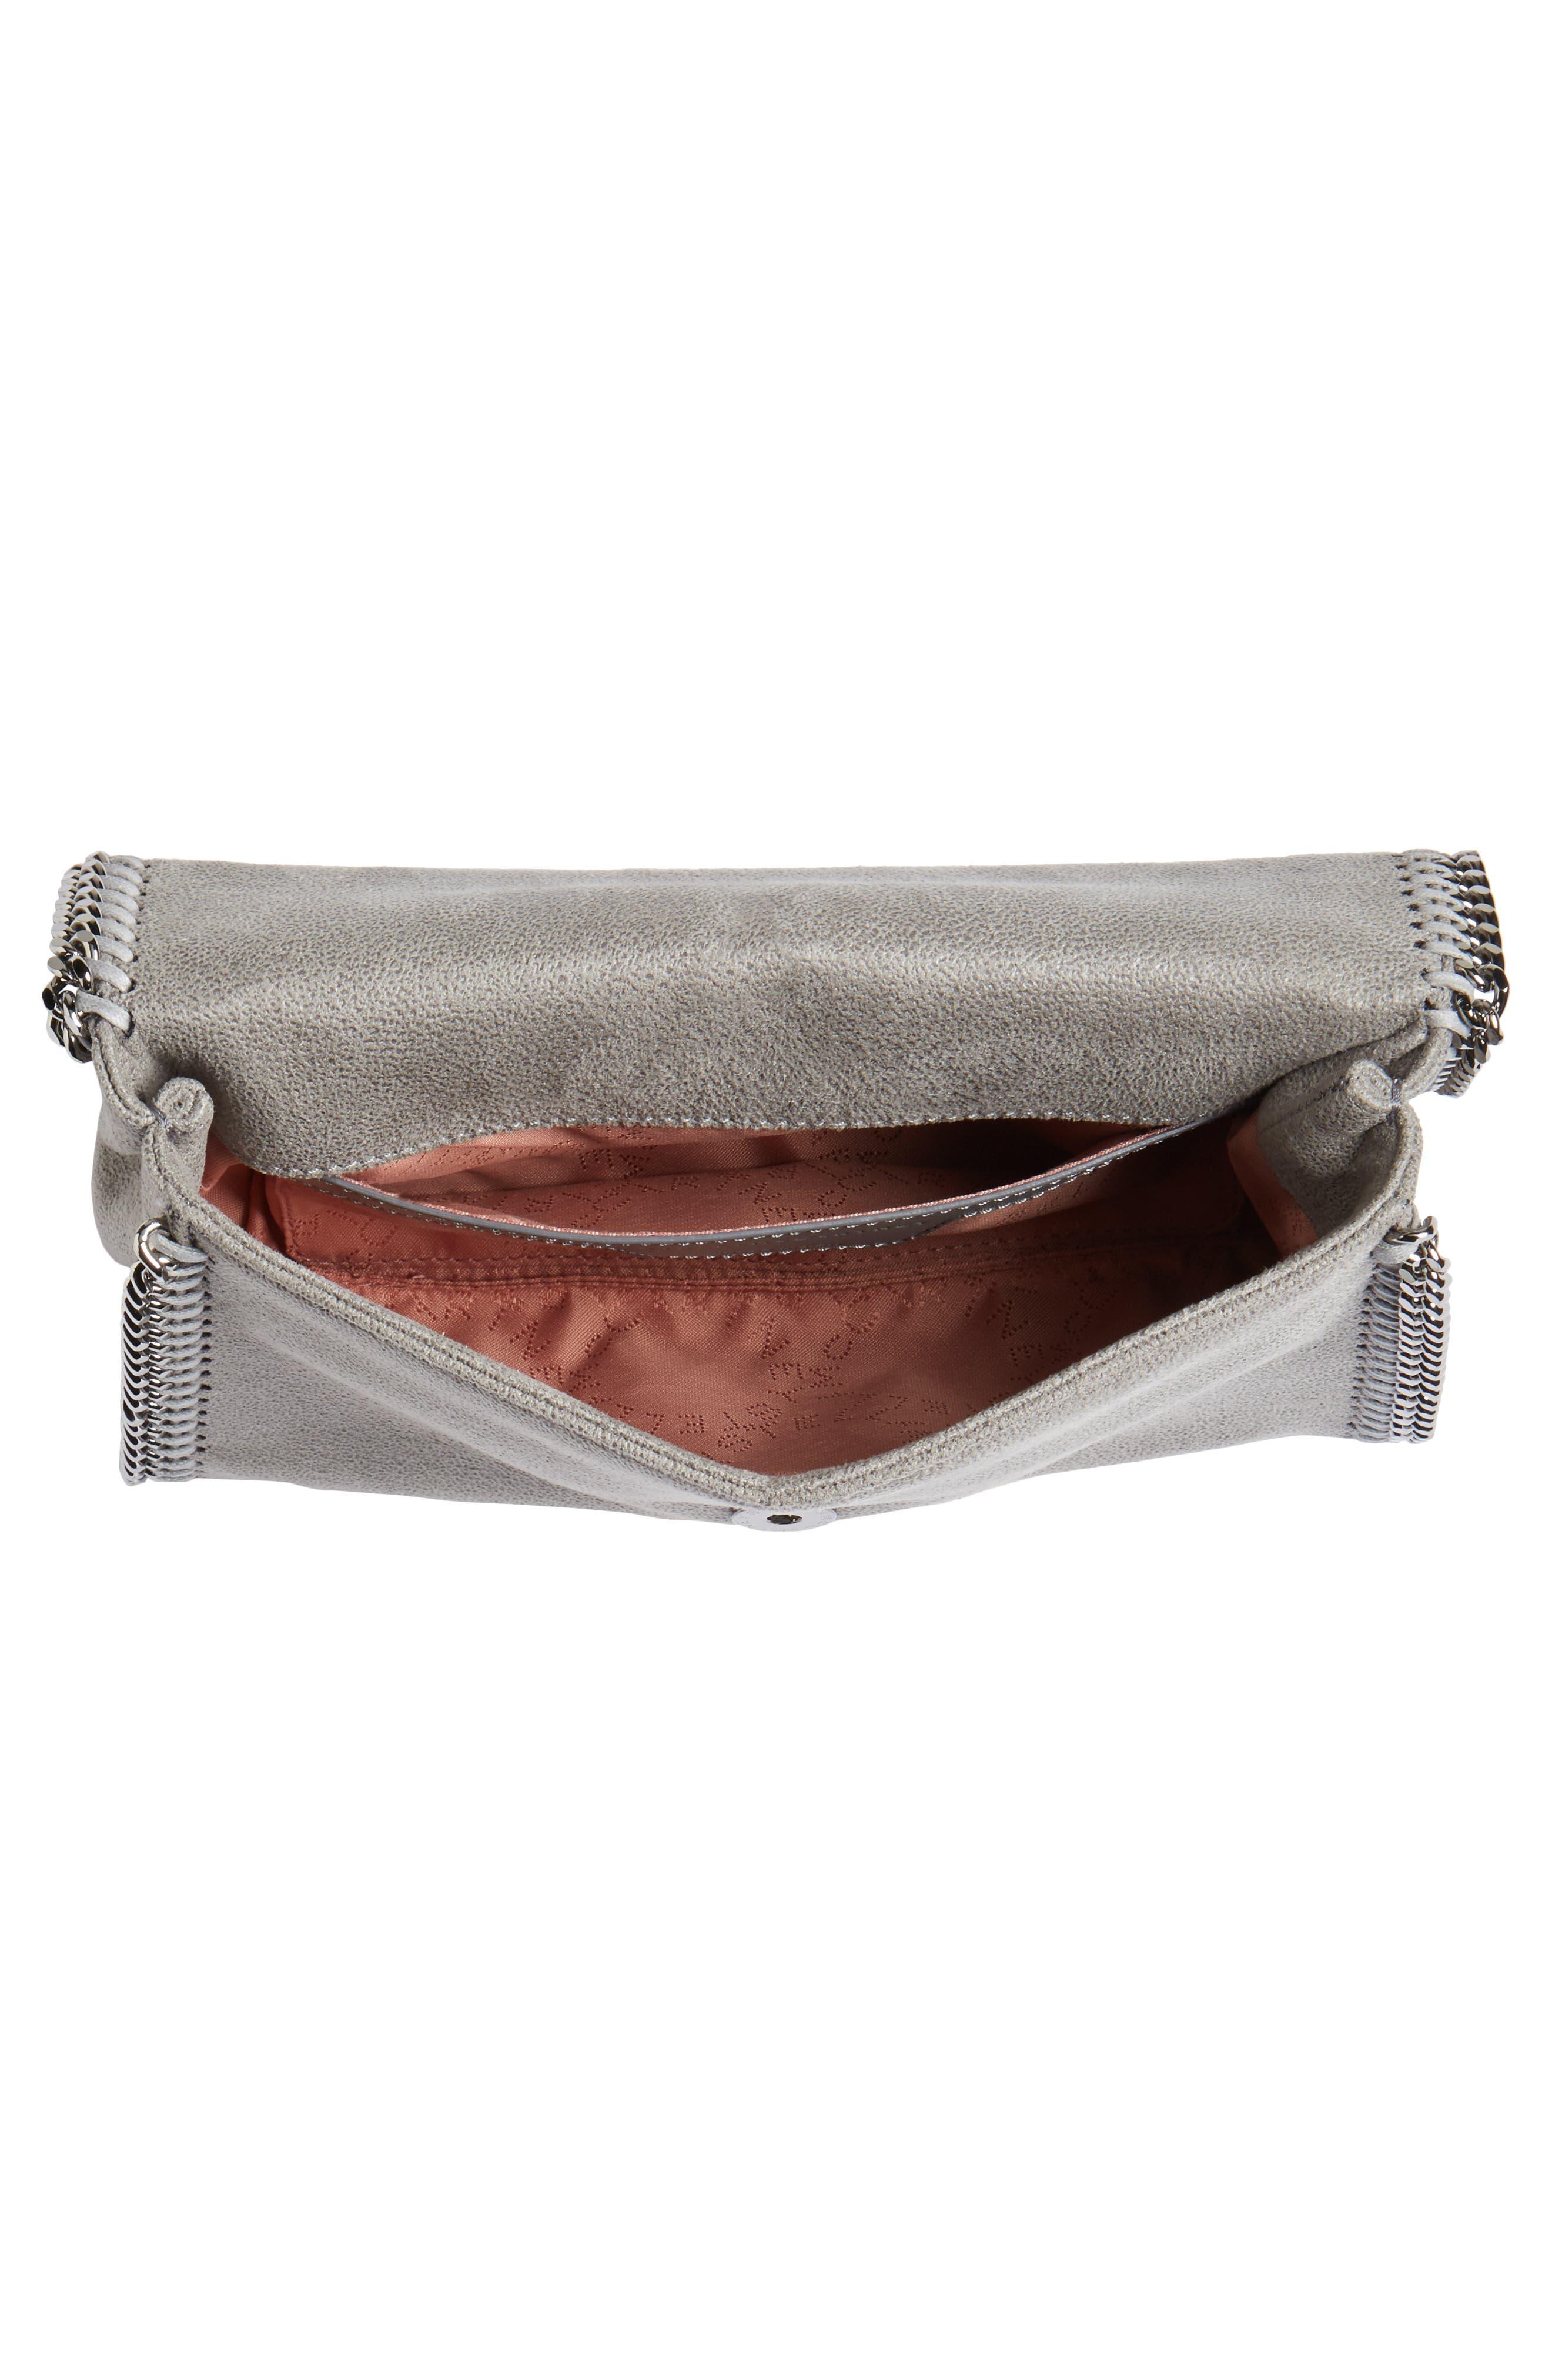 Shaggy Deer Flap Shoulder Bag,                             Alternate thumbnail 13, color,